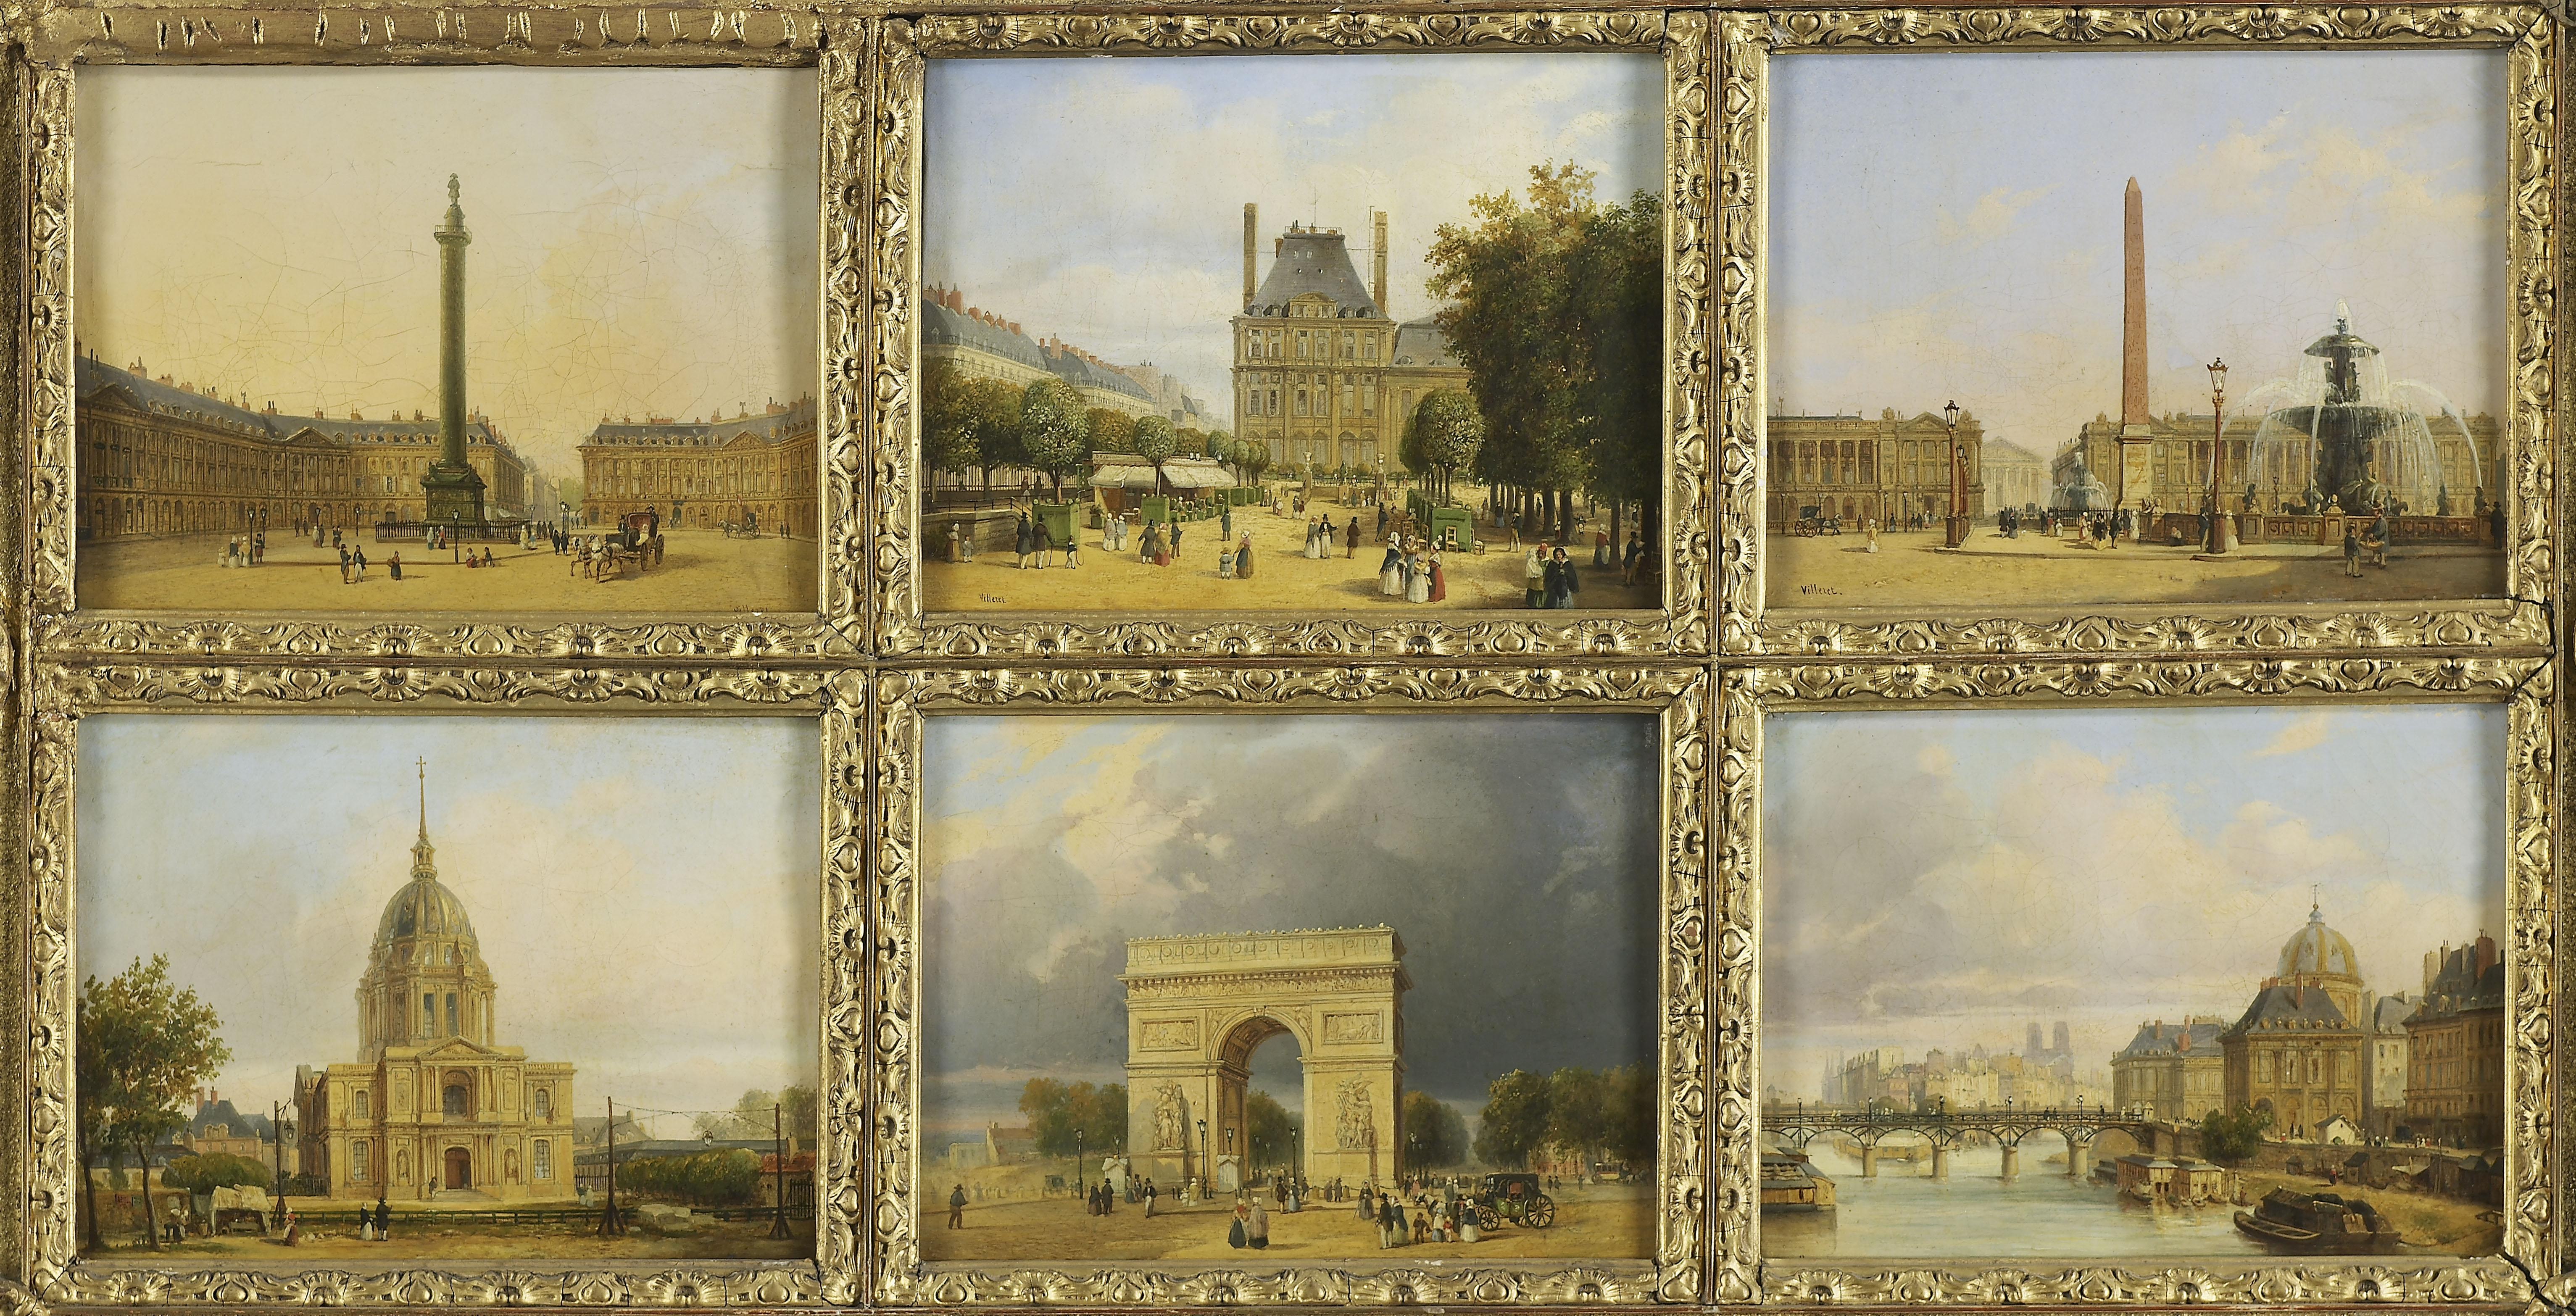 Six petites vues de Paris : Invalides, Place de la Concorde, Arc de Triomphe de l'Etoile, Pavillon de Marsan, Tuileries, Place Vendôme, Passerelle des Arts_0